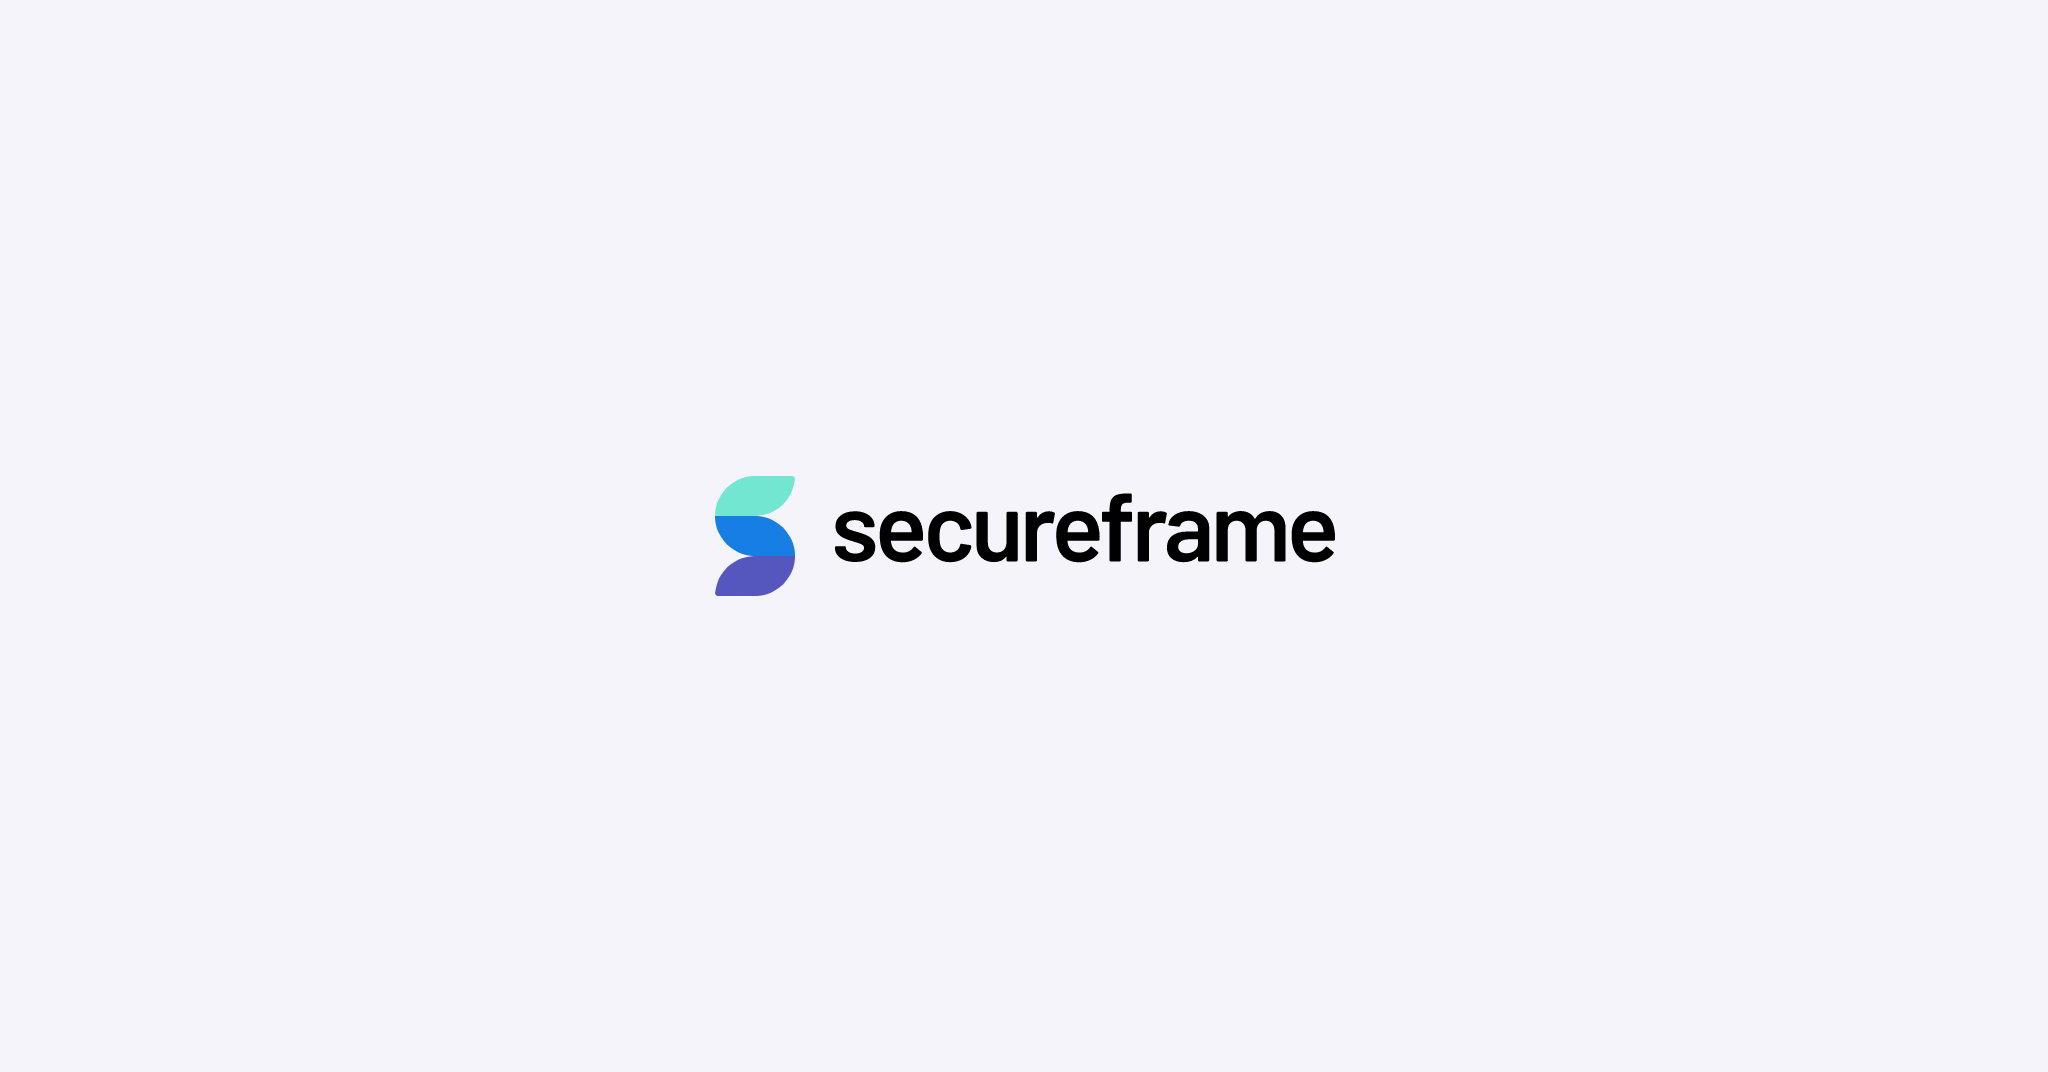 Secureframe